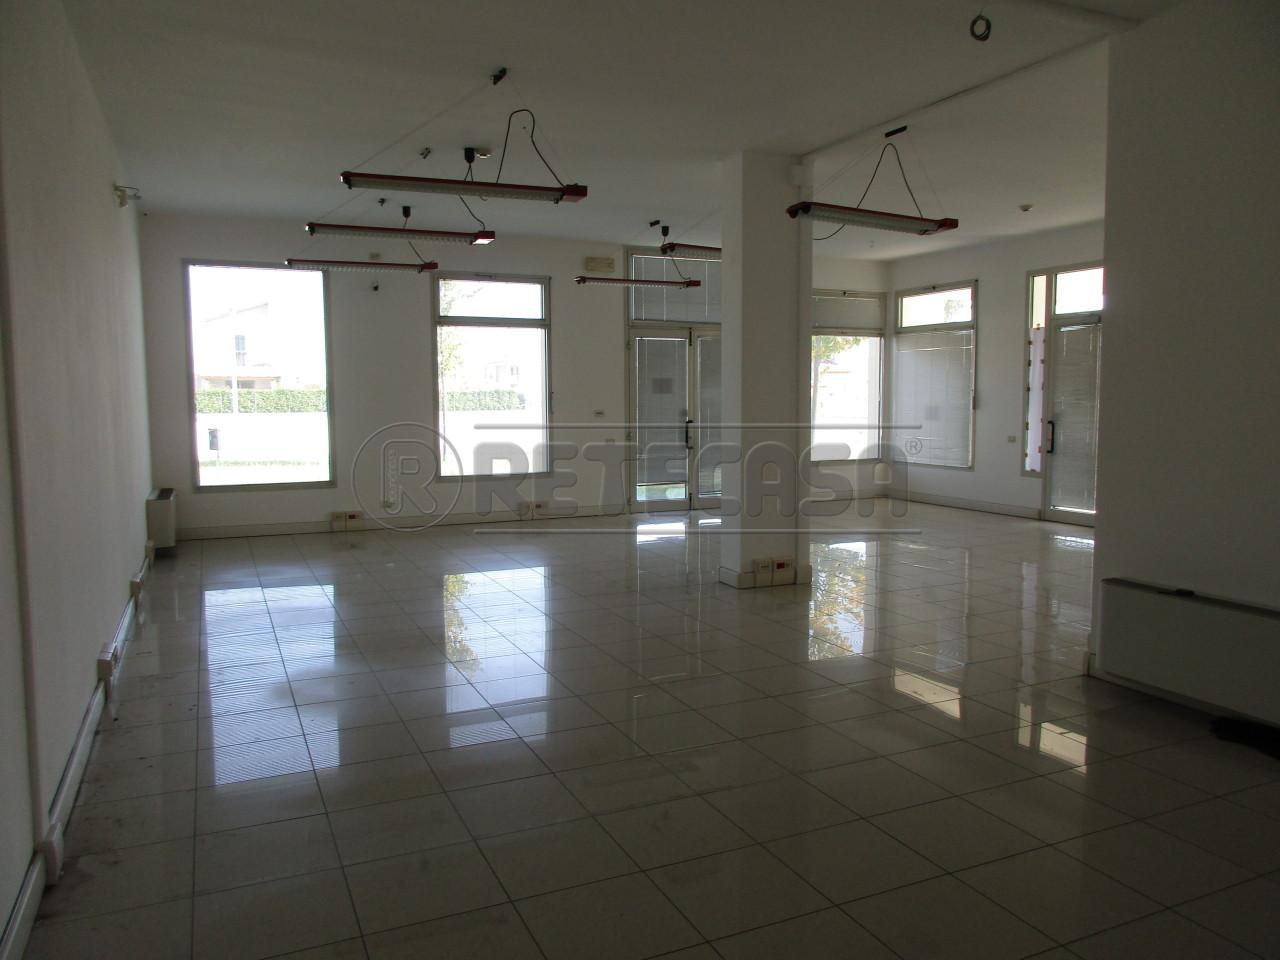 Negozio / Locale in affitto a Borgoricco, 9999 locali, prezzo € 750 | Cambio Casa.it